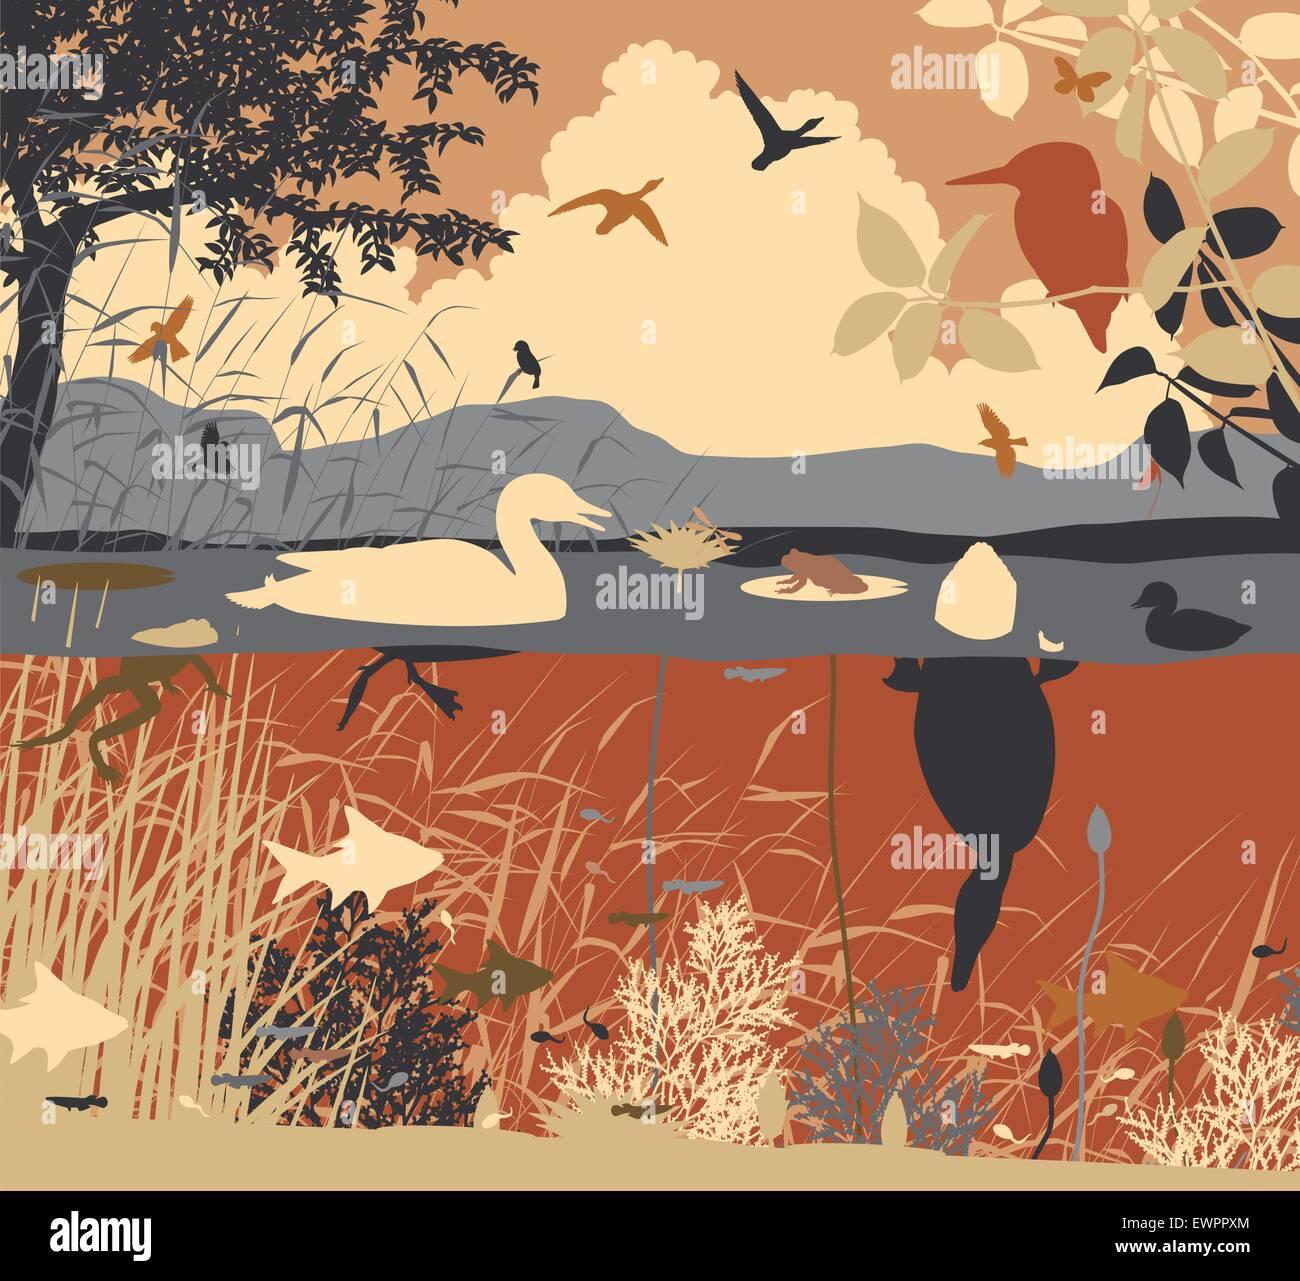 Spe8 illustration vectorielle modifiable de la diversité de la faune dans un écosystème d'eau Photo Stock